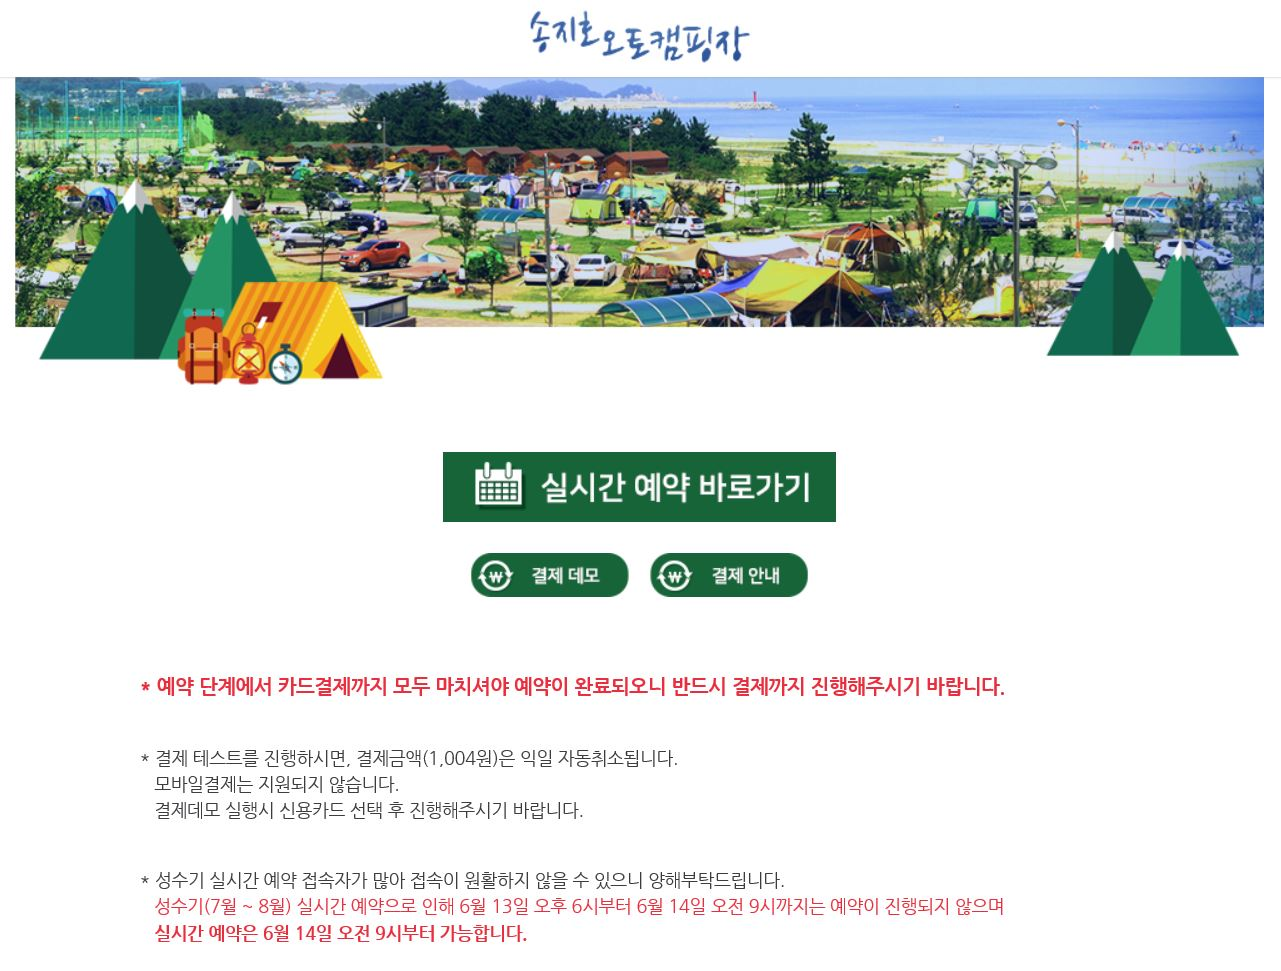 [고성] 송지호 오토 캠핑장 예약성공~